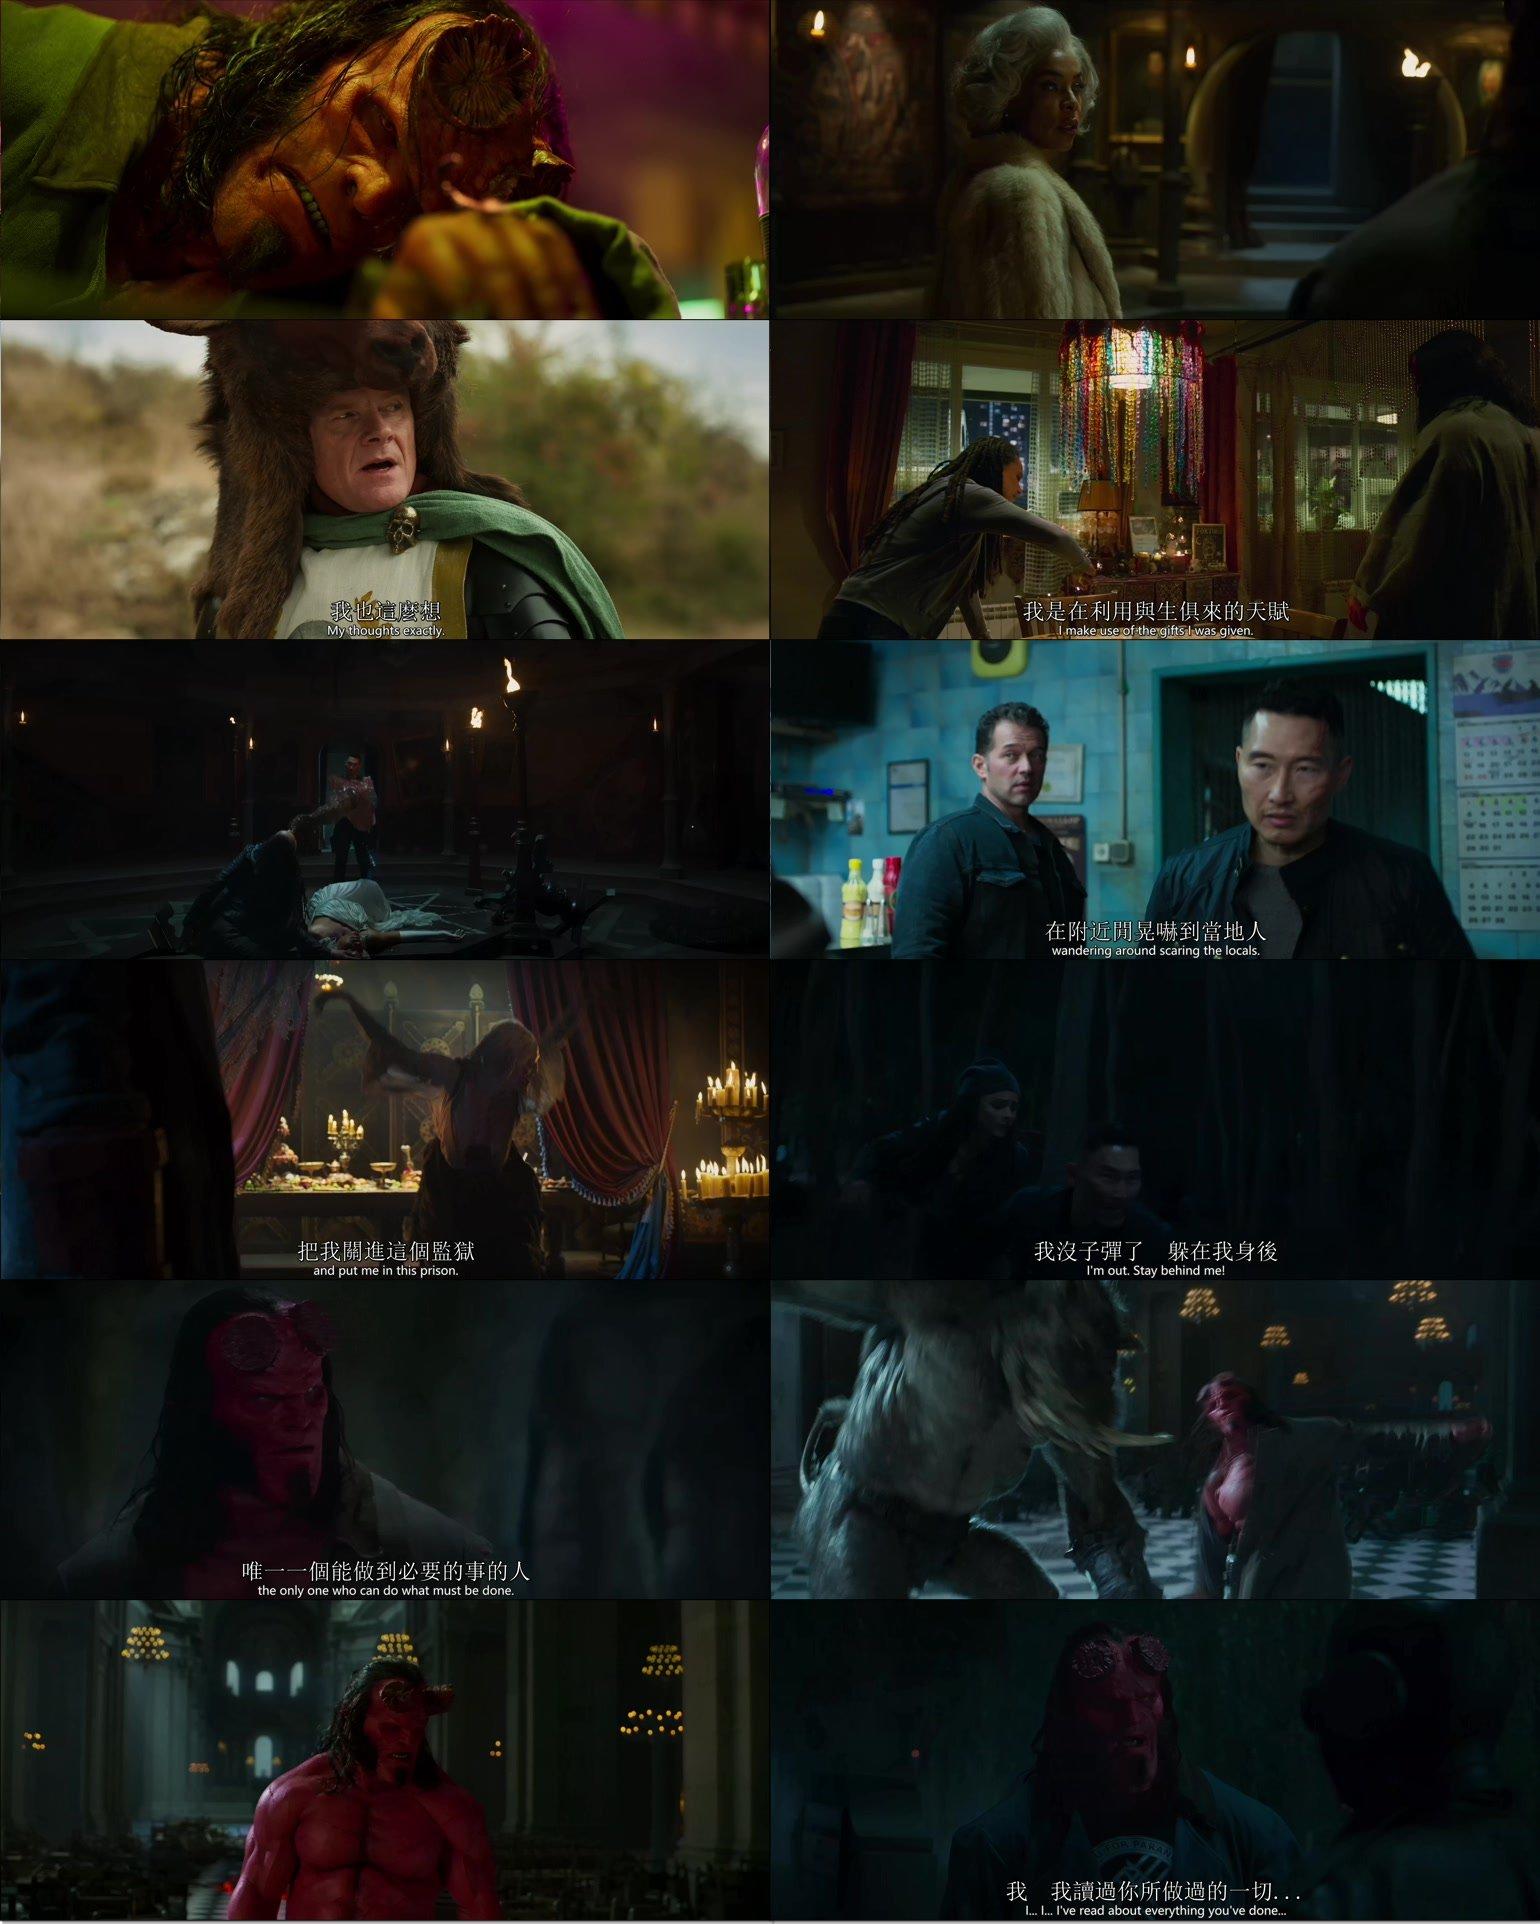 [美] 地獄男爵:血皇后崛起.2019.BluRay-720p/1080p[MKV@2.3G@繁簡英